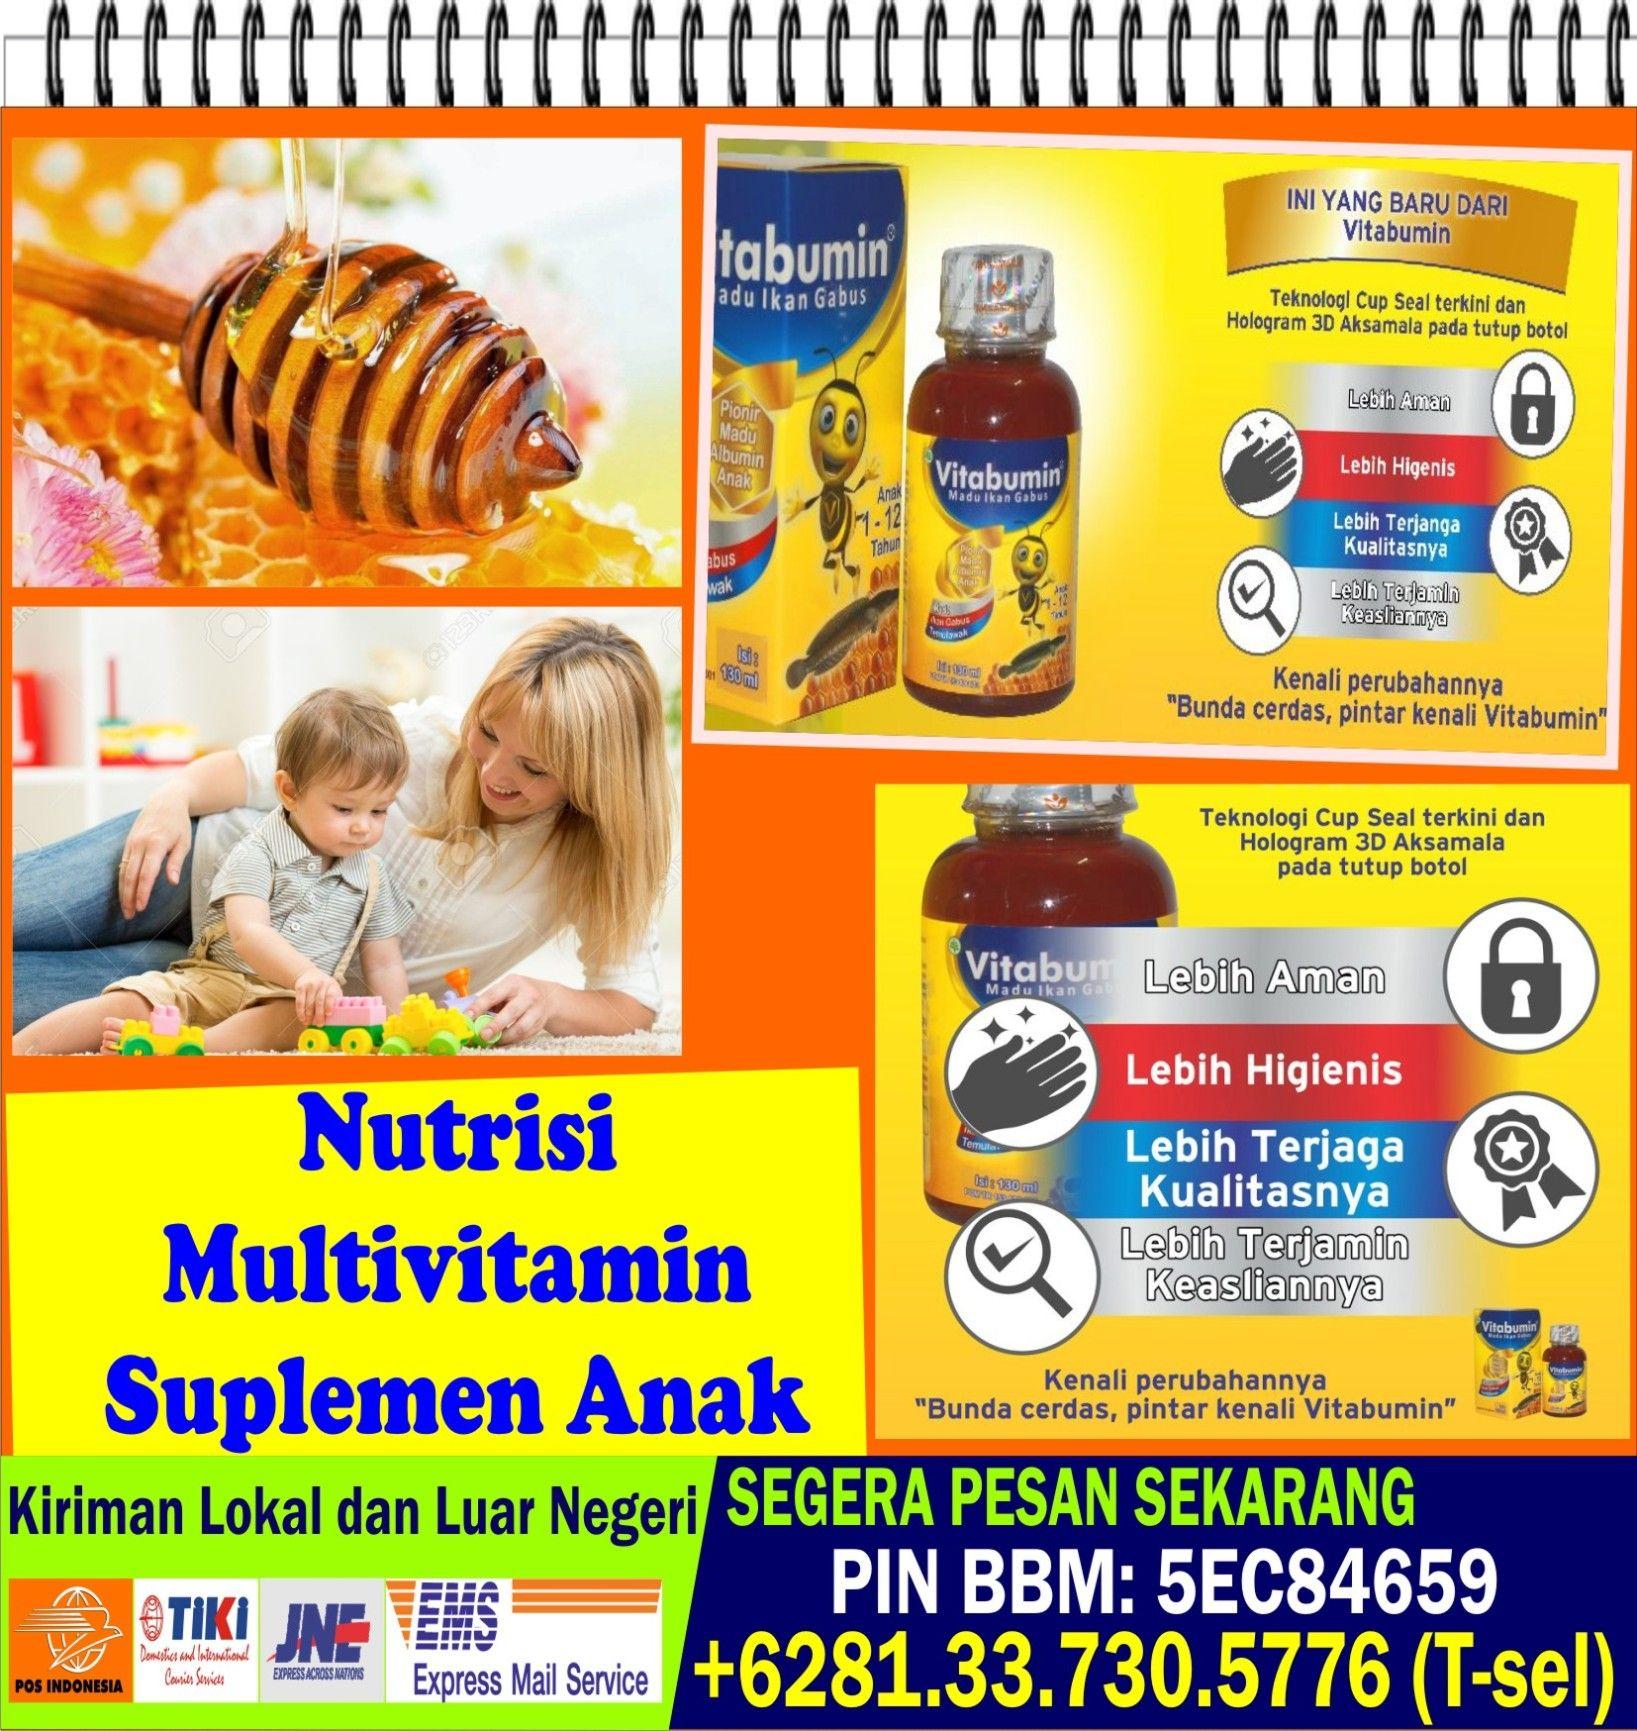 Asupan Gizi Anak Asupan Gizi Anak Balita Vitabumin Madu Vitamin